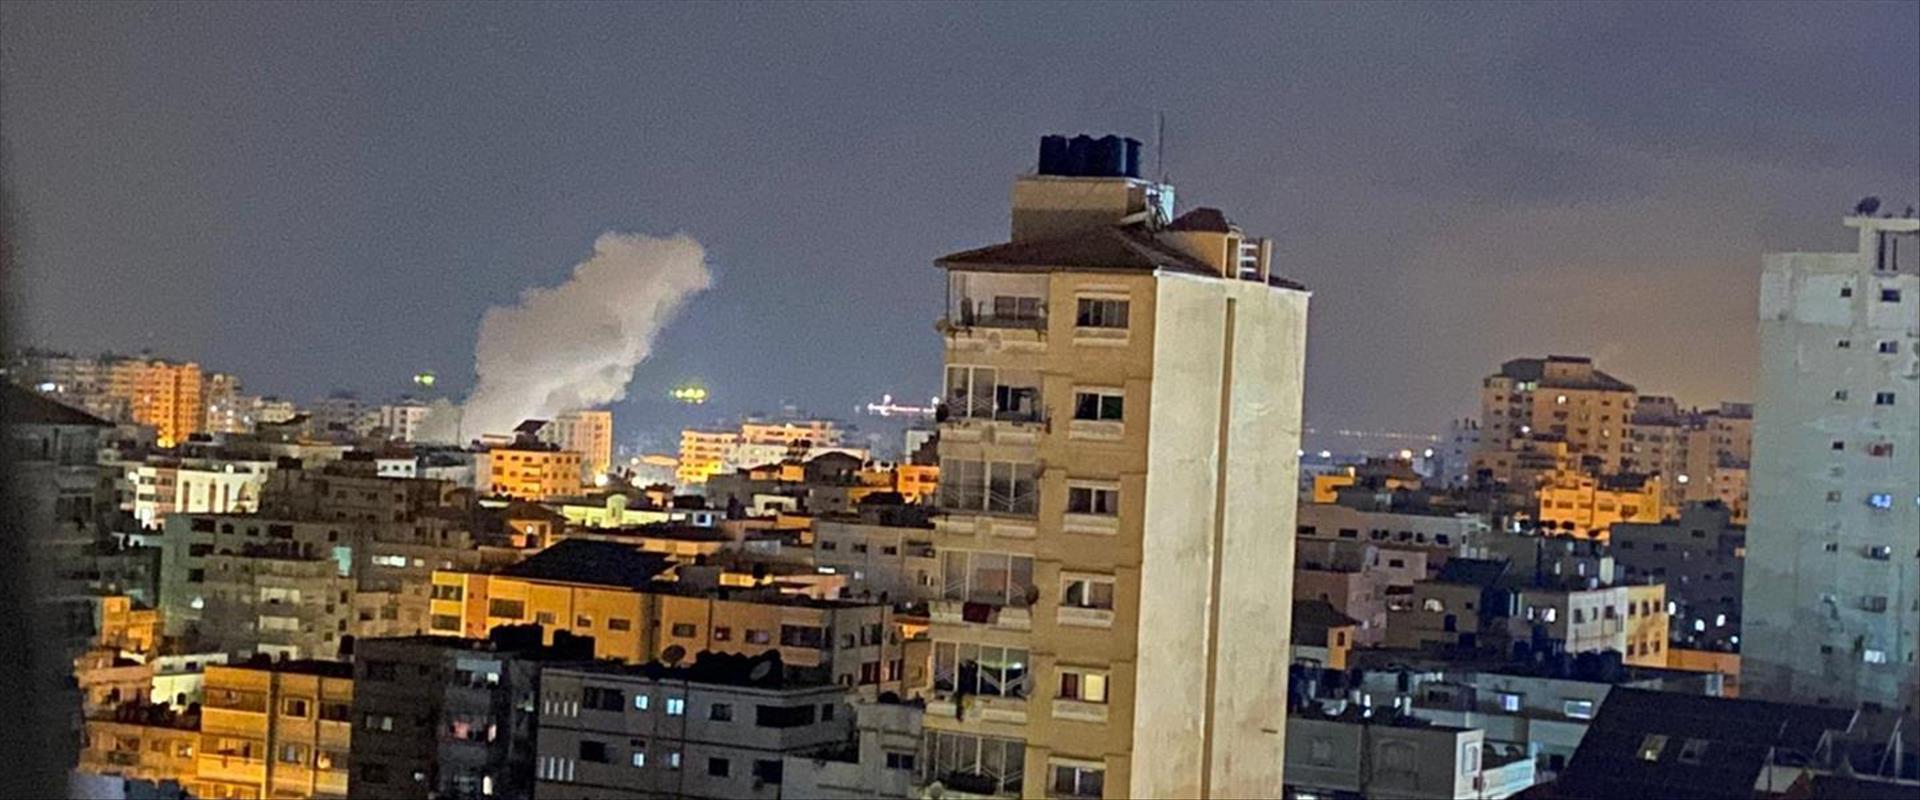 התקיפה הלילה ברצועת עזה, לפי כלי תקשורת פלסטיניים